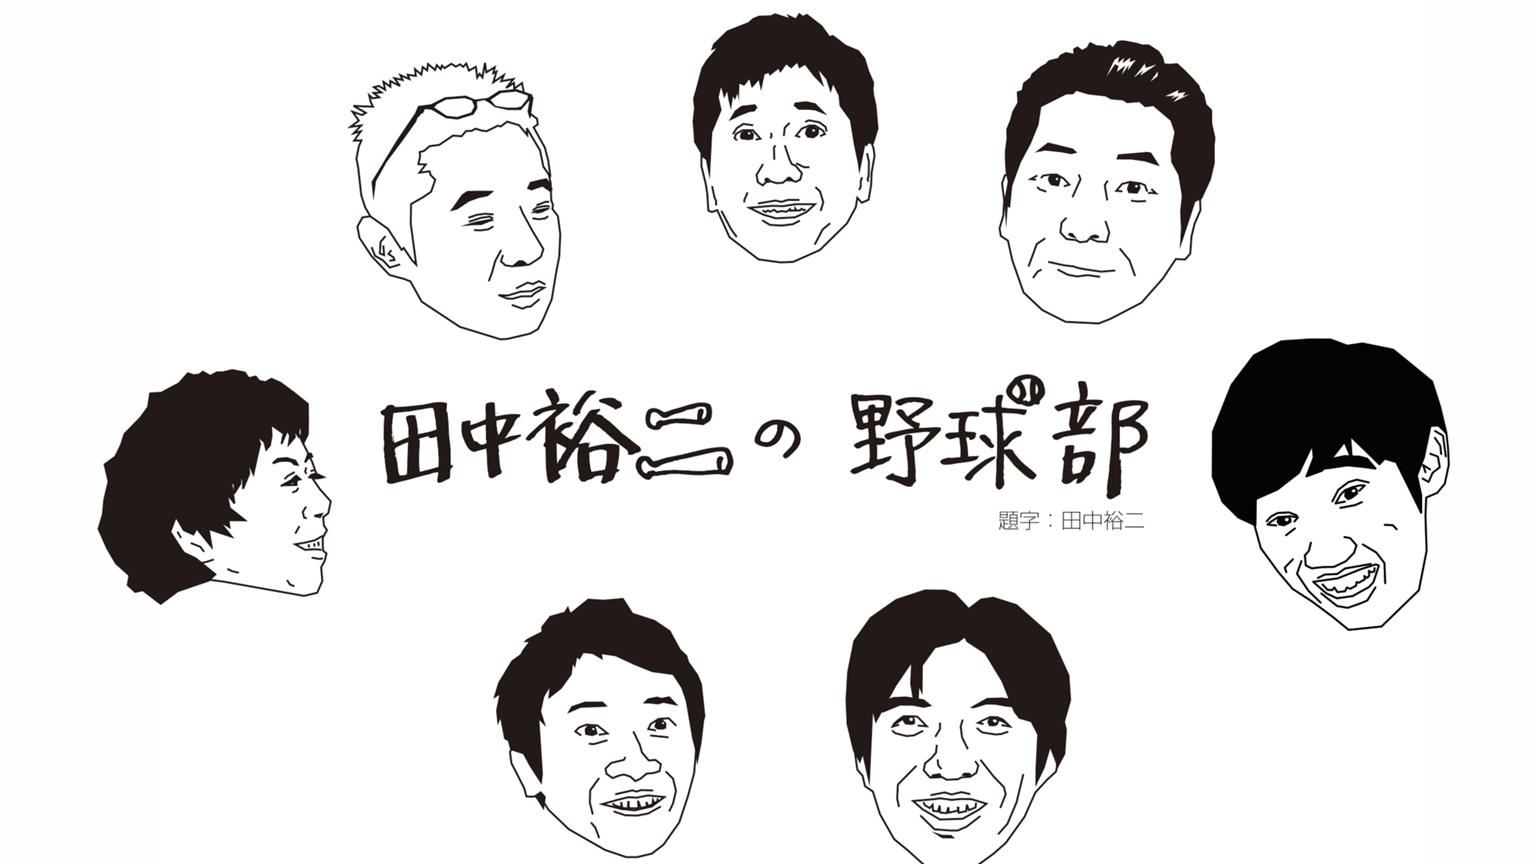 「田中裕二の野球部〜2020年振り返り編〜」